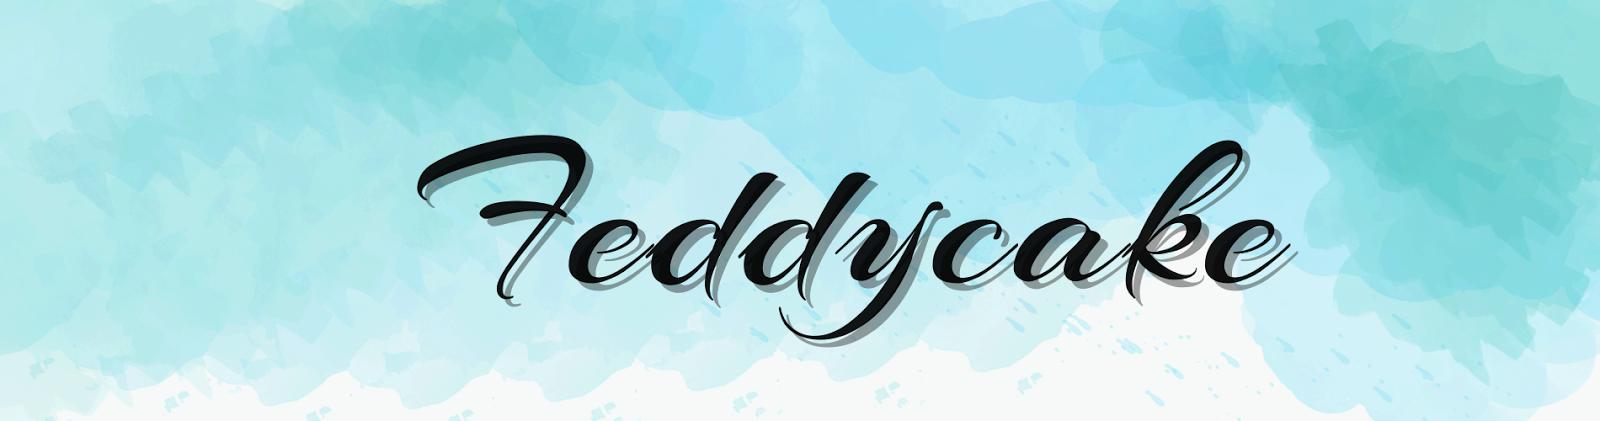 FEDDYCAKE